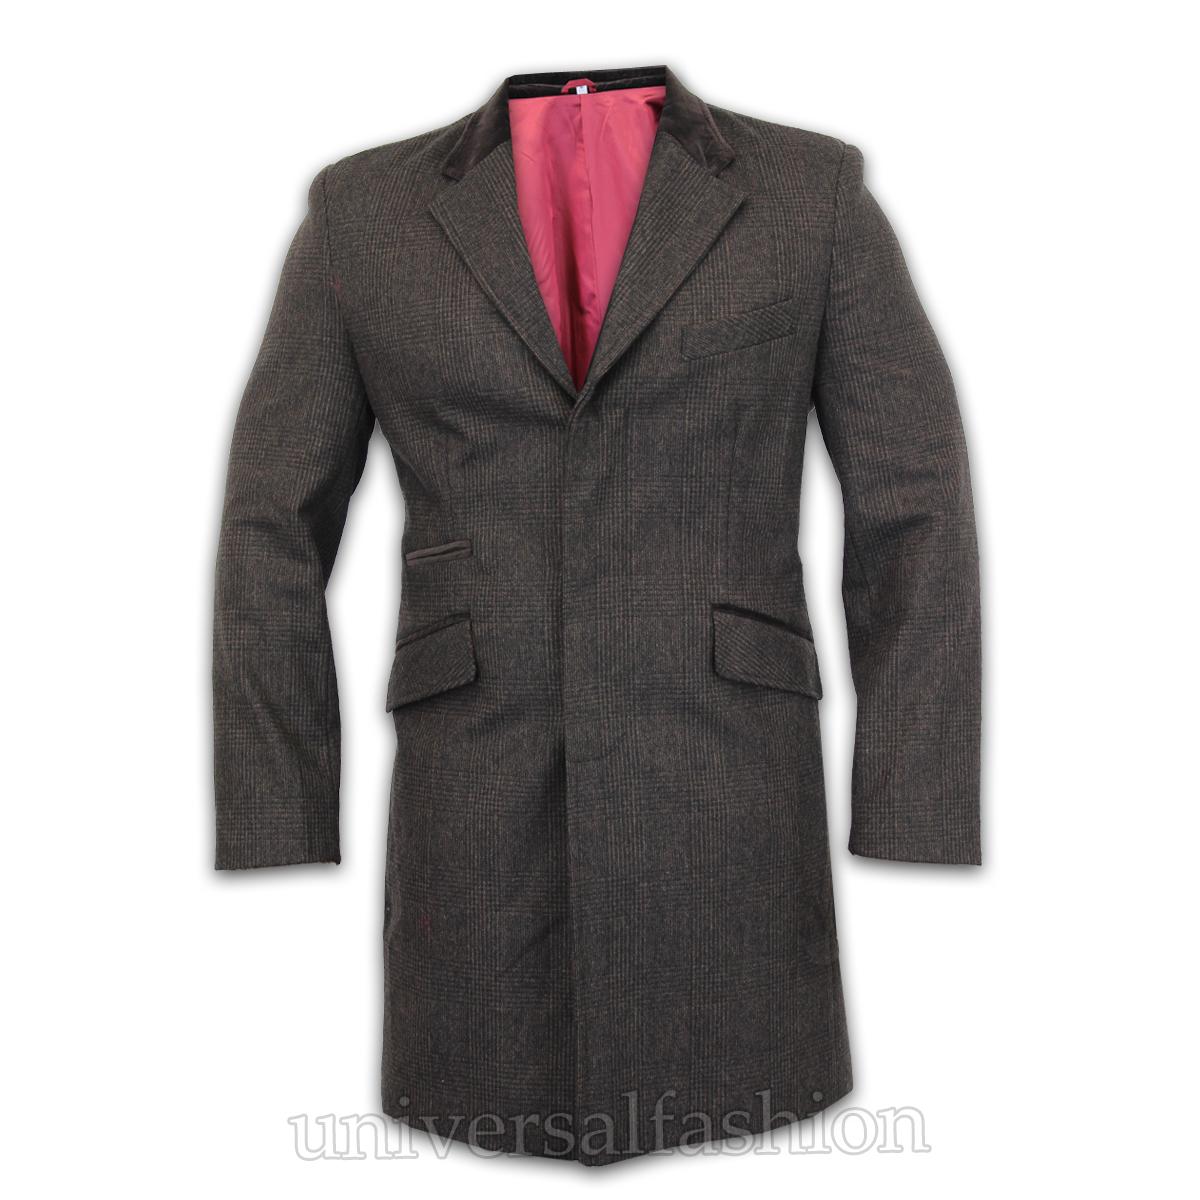 Homme manteau veste en laine cachemire d contract outerwear pardessus trench doublure hiver ebay - Veste homme decontracte ...